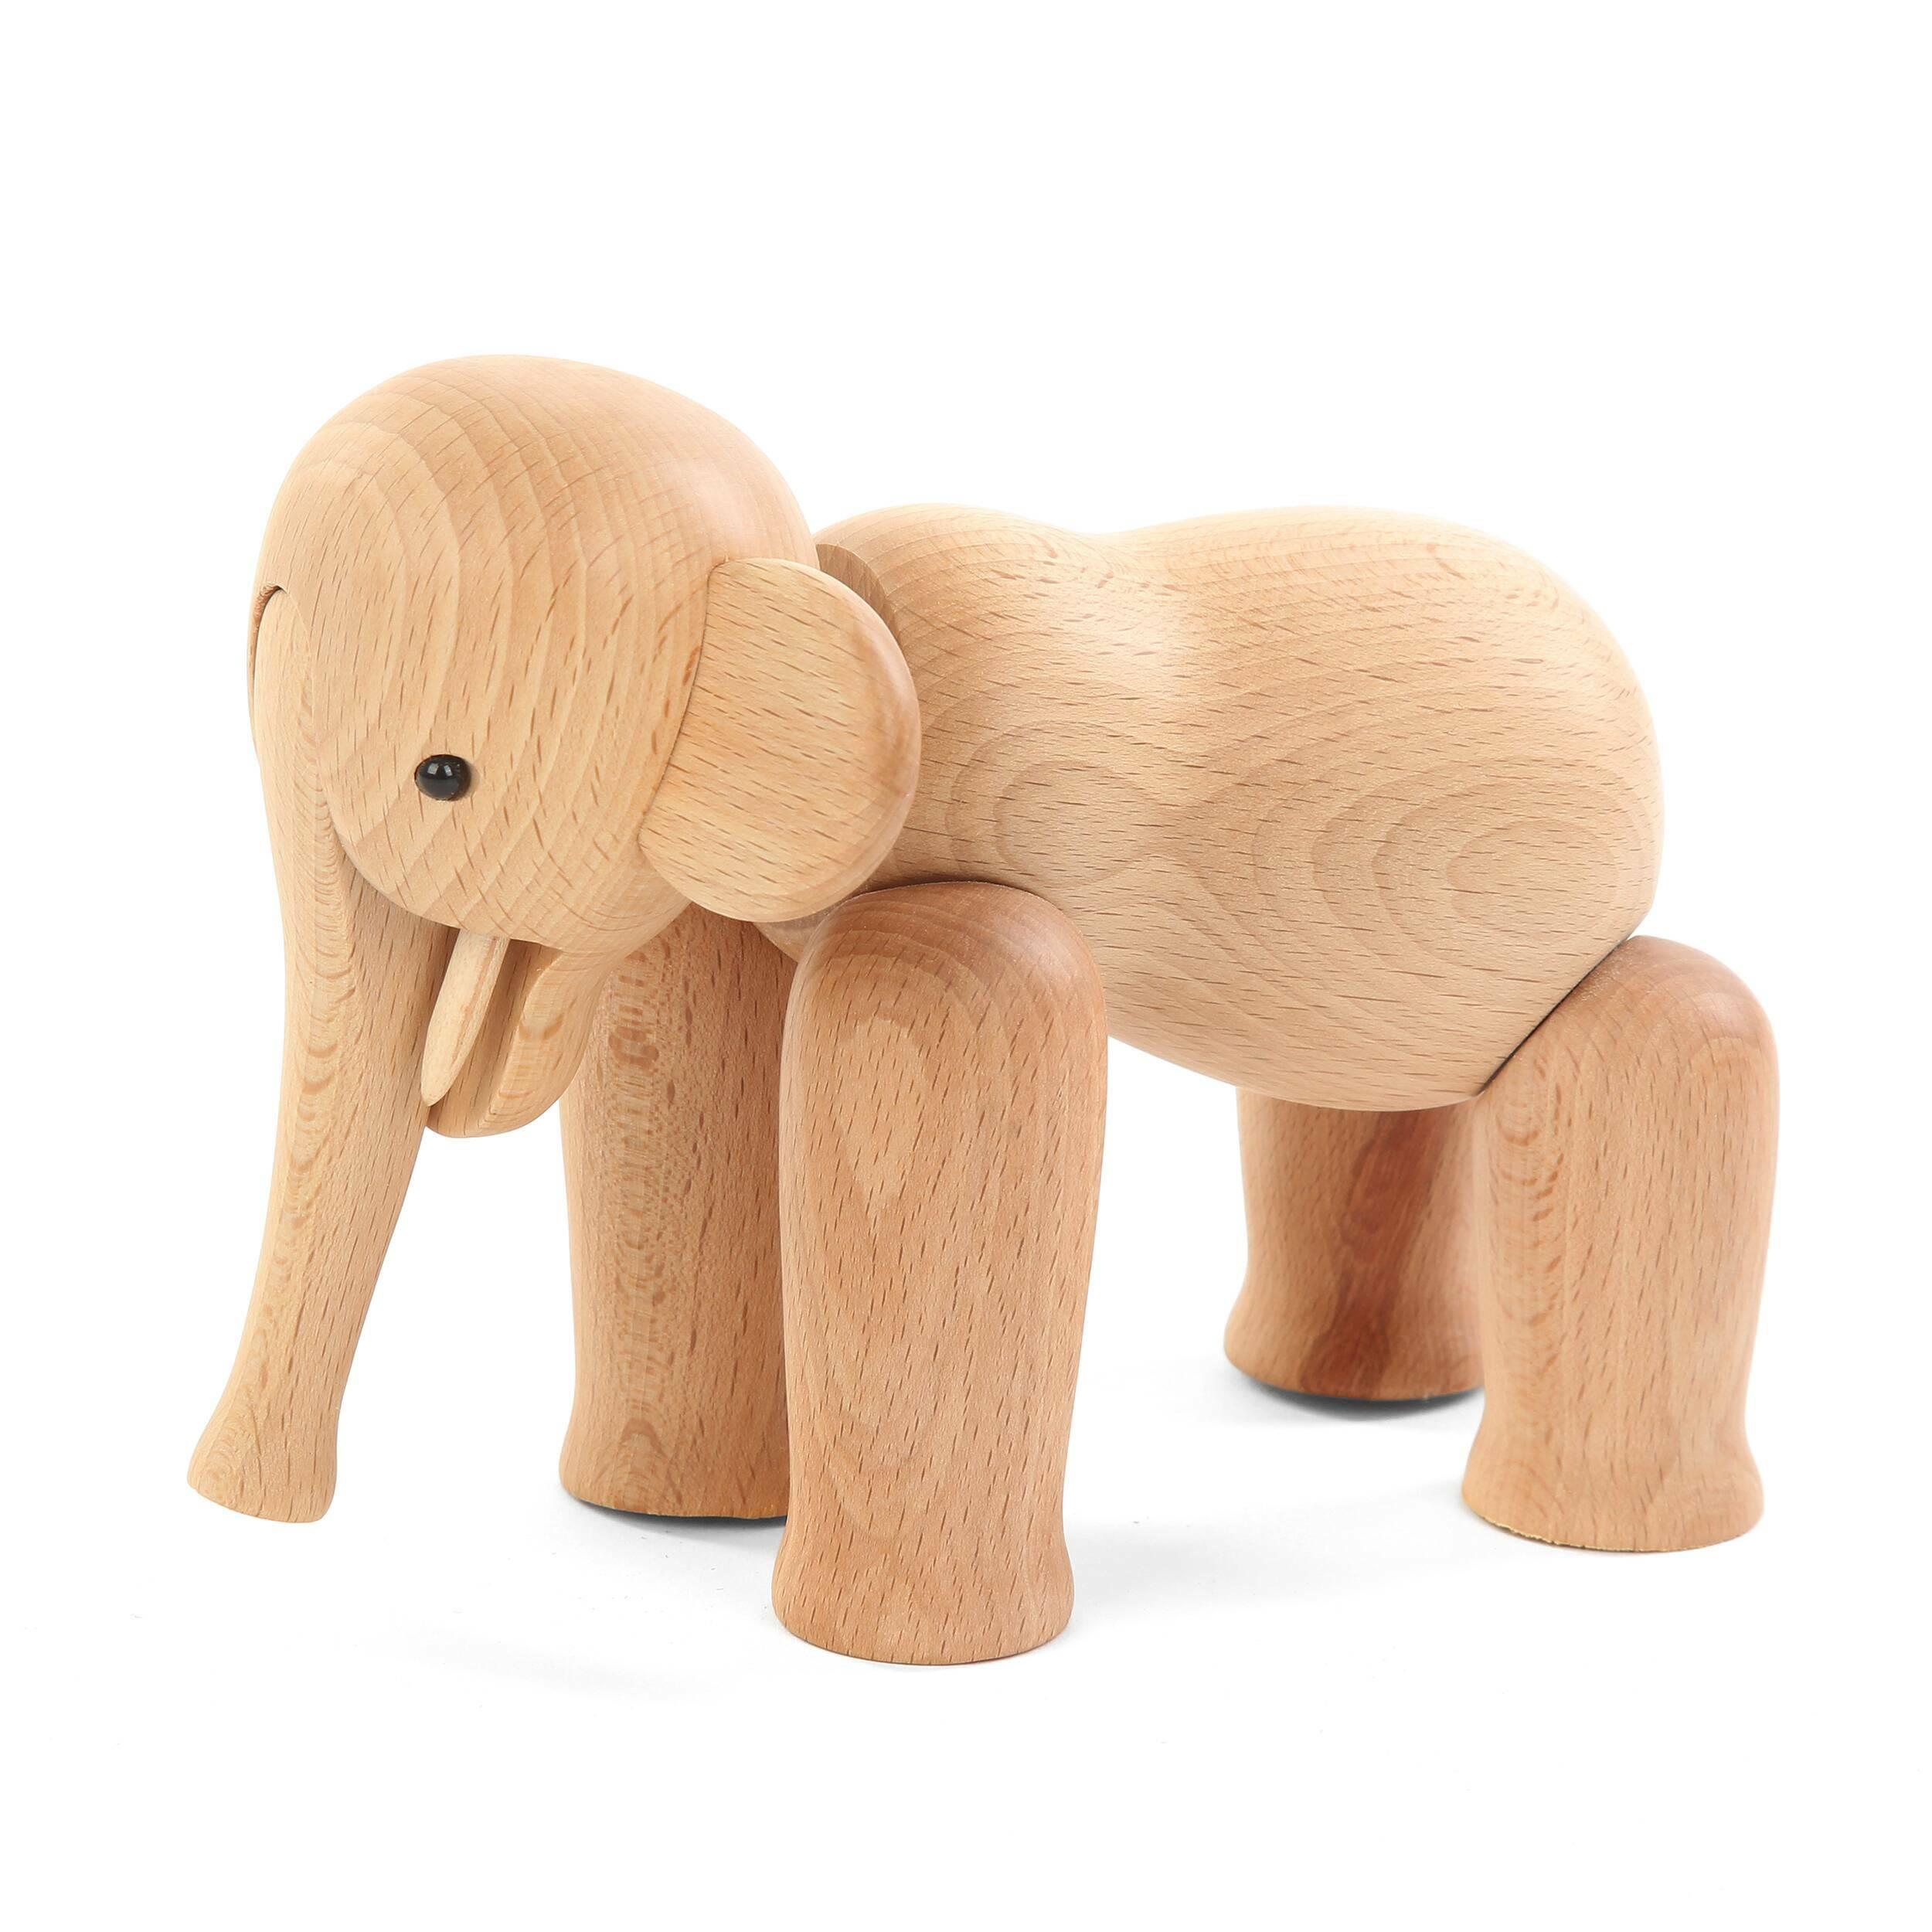 Статуэтка Old ElephantНастольные<br>Оригинальная дизайнерская статуэтка Old Elephant (Олд Элефант) может быть не только красивым украшением для дома, но и интересным сувениром на любой праздник. Изделие обладает мягкими чертами и выполнено в теплом светло-коричневом цвете.<br><br><br> Главная особенность этой модели – это массив бука, из которого она изготавливается. Это экзотичное дерево, обладающее высокой степенью твердости и прочности. Не говоря уже об экологической ценности таких изделий.<br><br><br> Old Elephant – универсальное ...<br><br>stock: 18<br>Материал: Массив бука<br>Цвет: Коричневый<br>Длина: 17